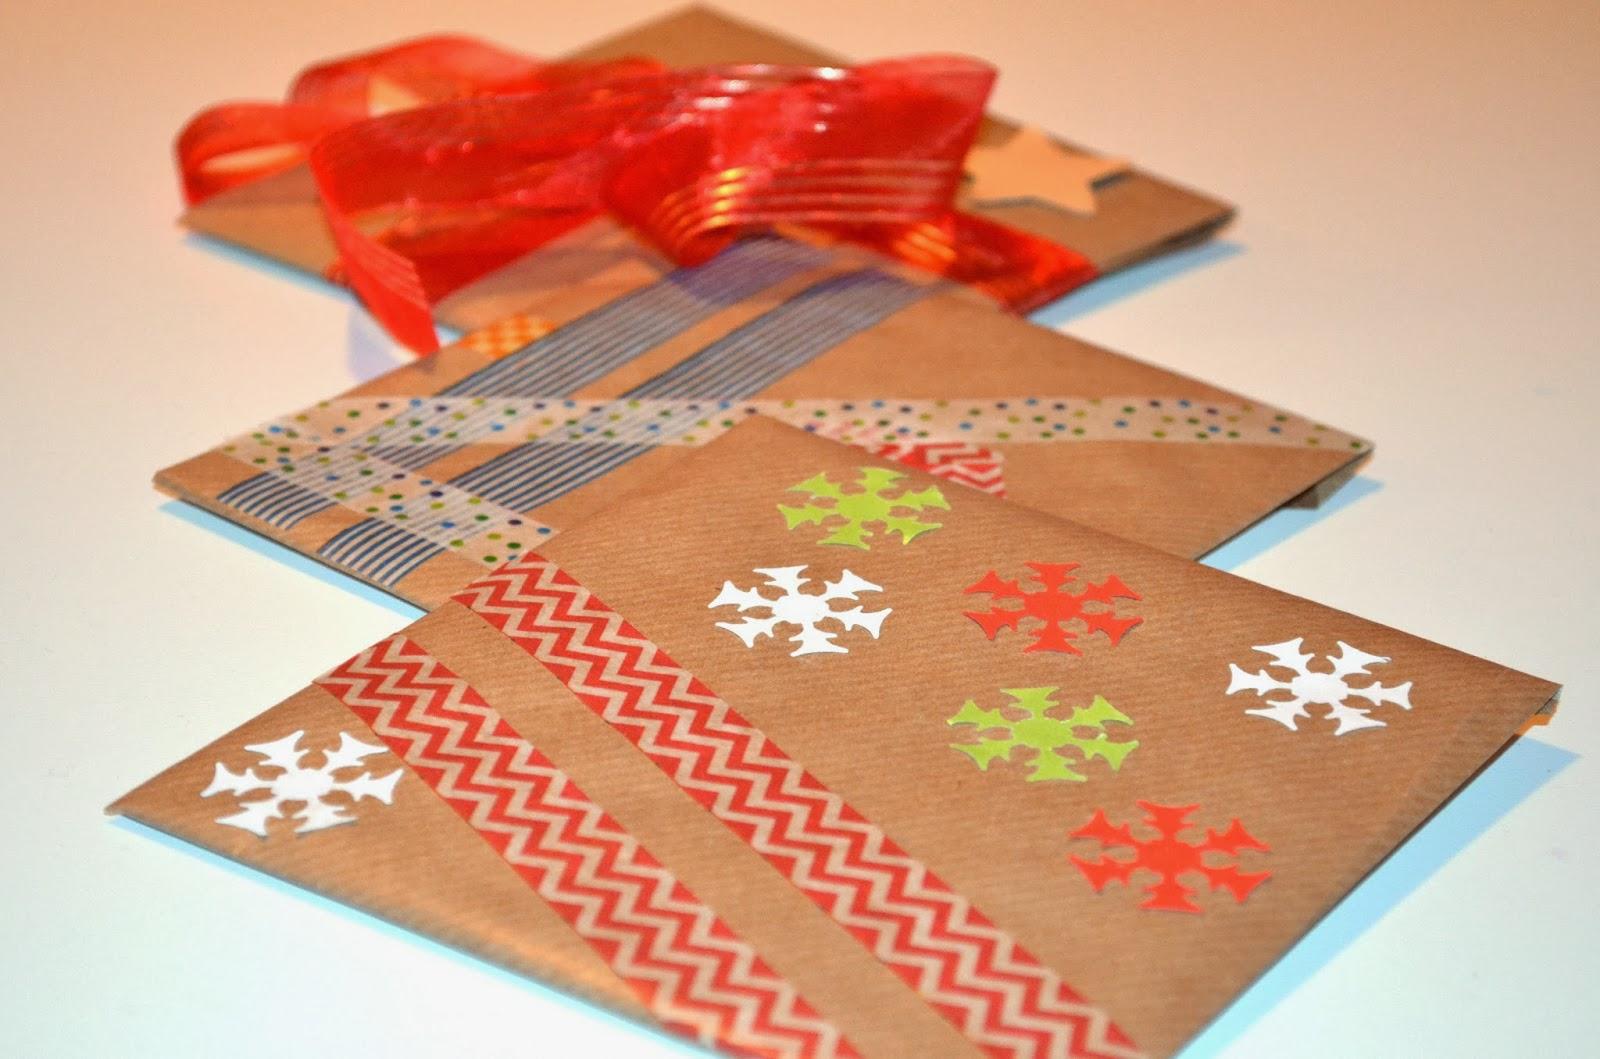 Disfrutando ideas para envolver regalos de navidad for Ideas regalos navidad